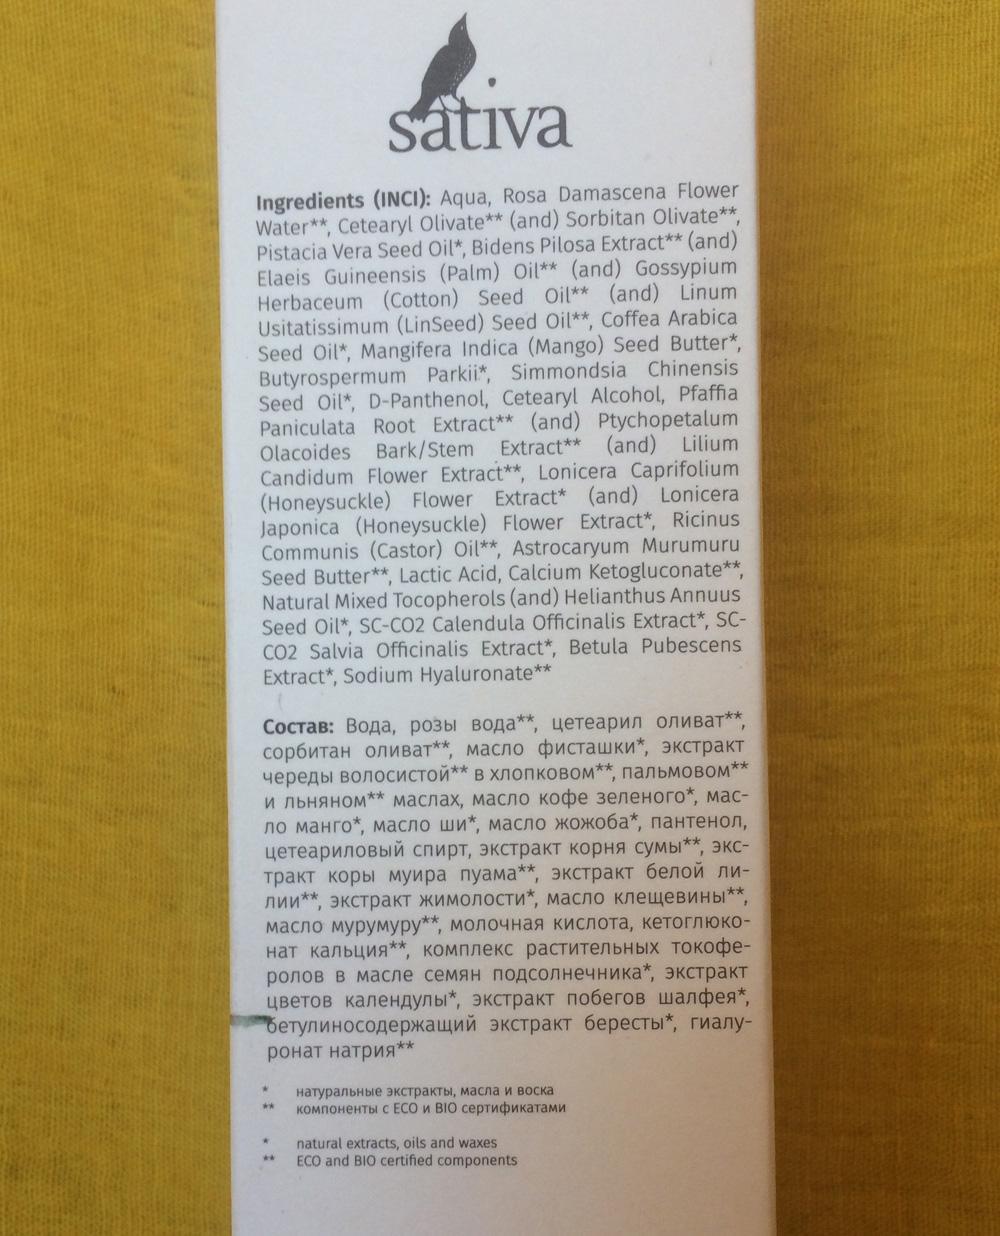 Крем вокруг глаз Sativa 17 комплексный - состав